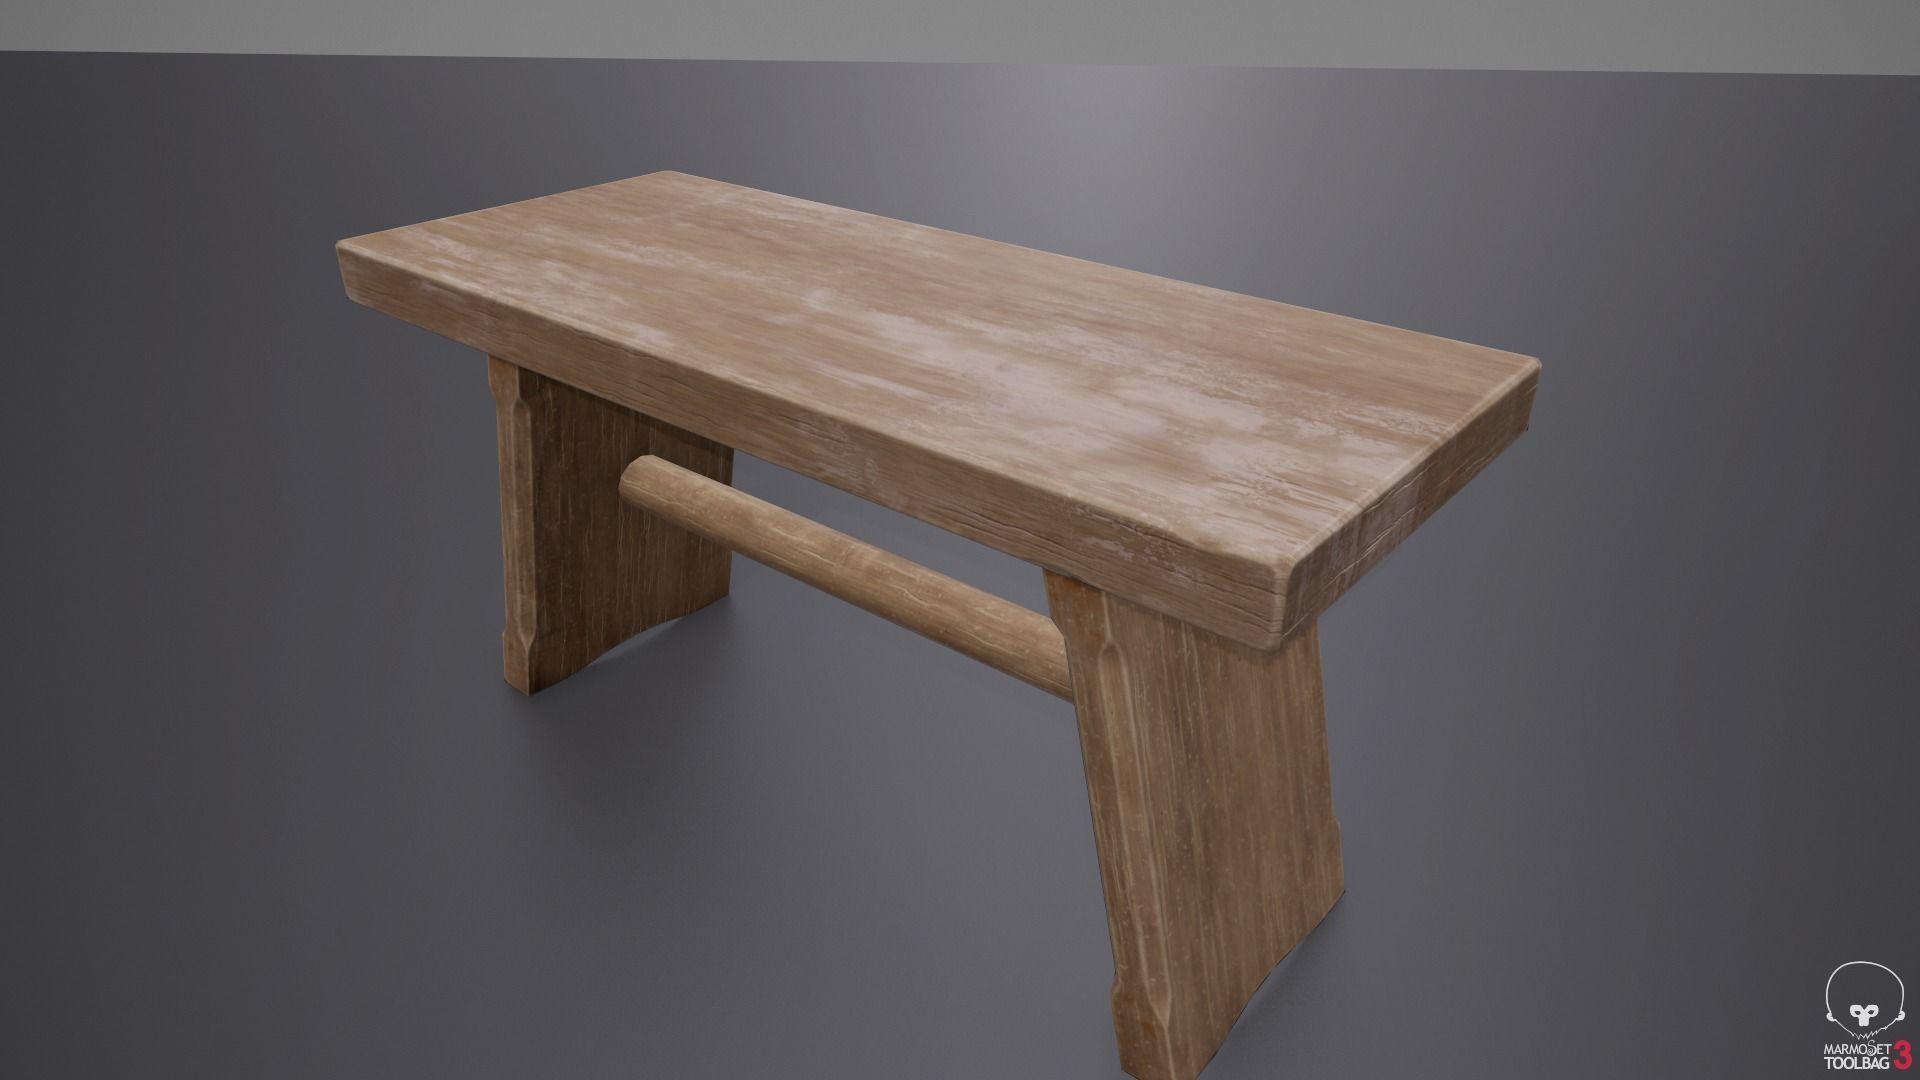 Remarkable Small Wood Bench Summervilleaugusta Org Inzonedesignstudio Interior Chair Design Inzonedesignstudiocom